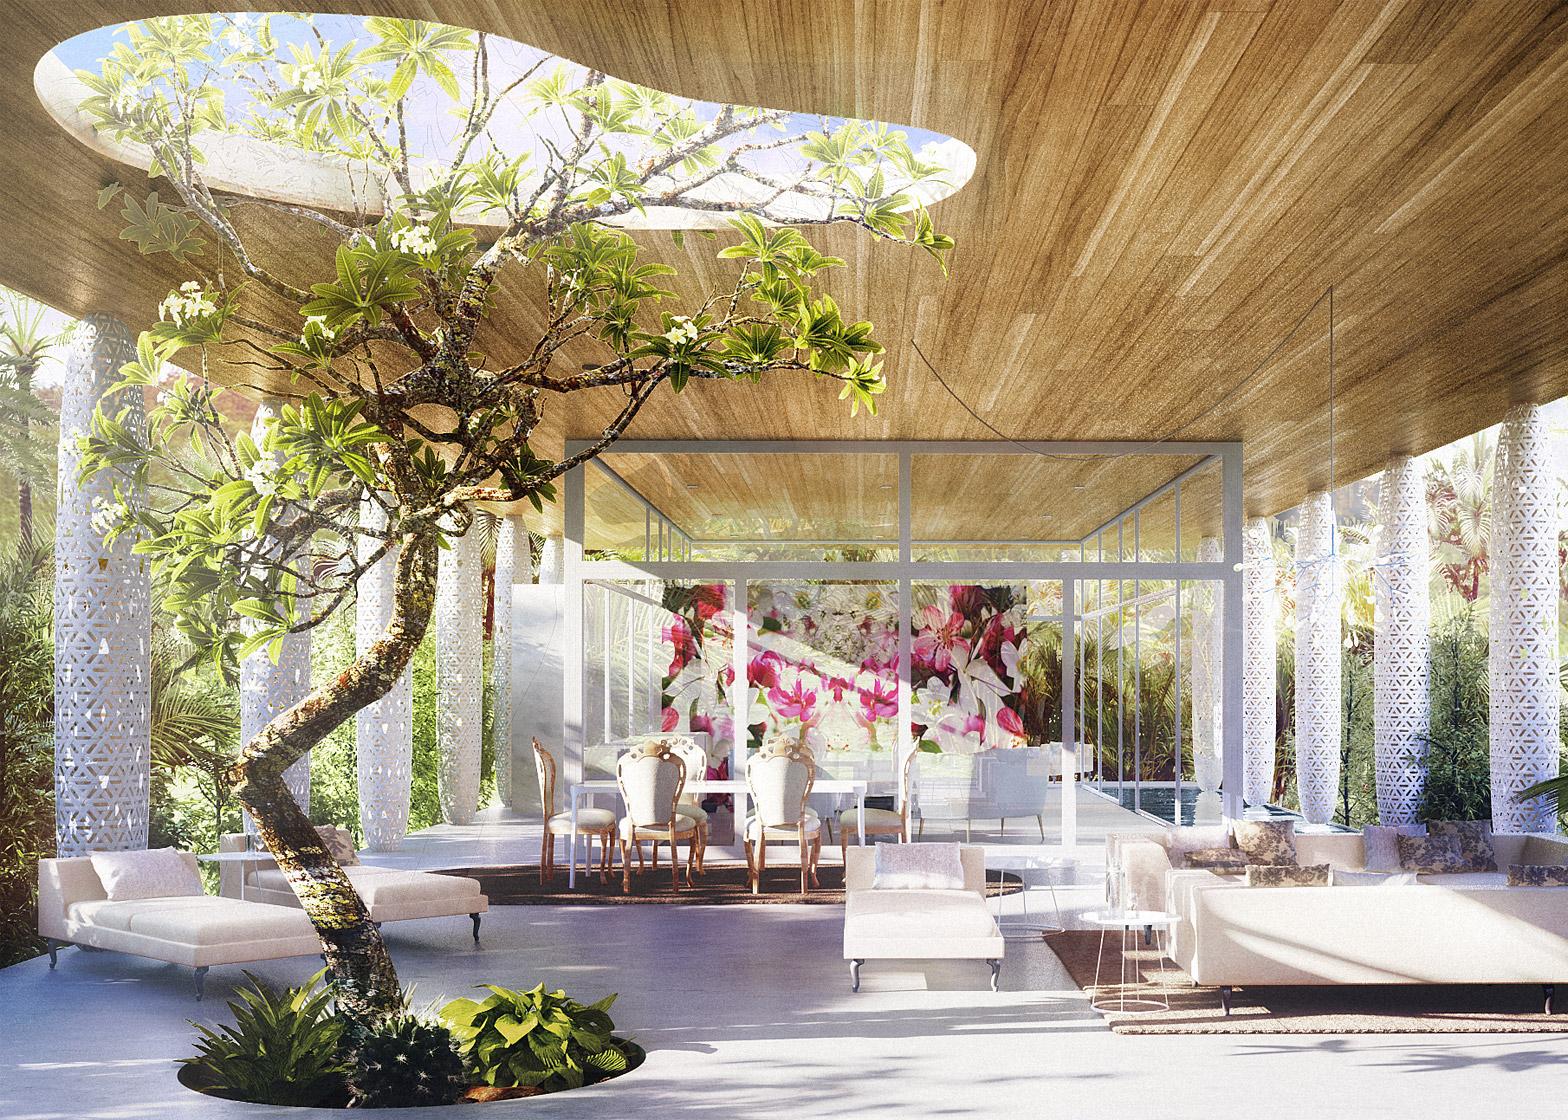 Prefabricated housing by Marcel Wanders